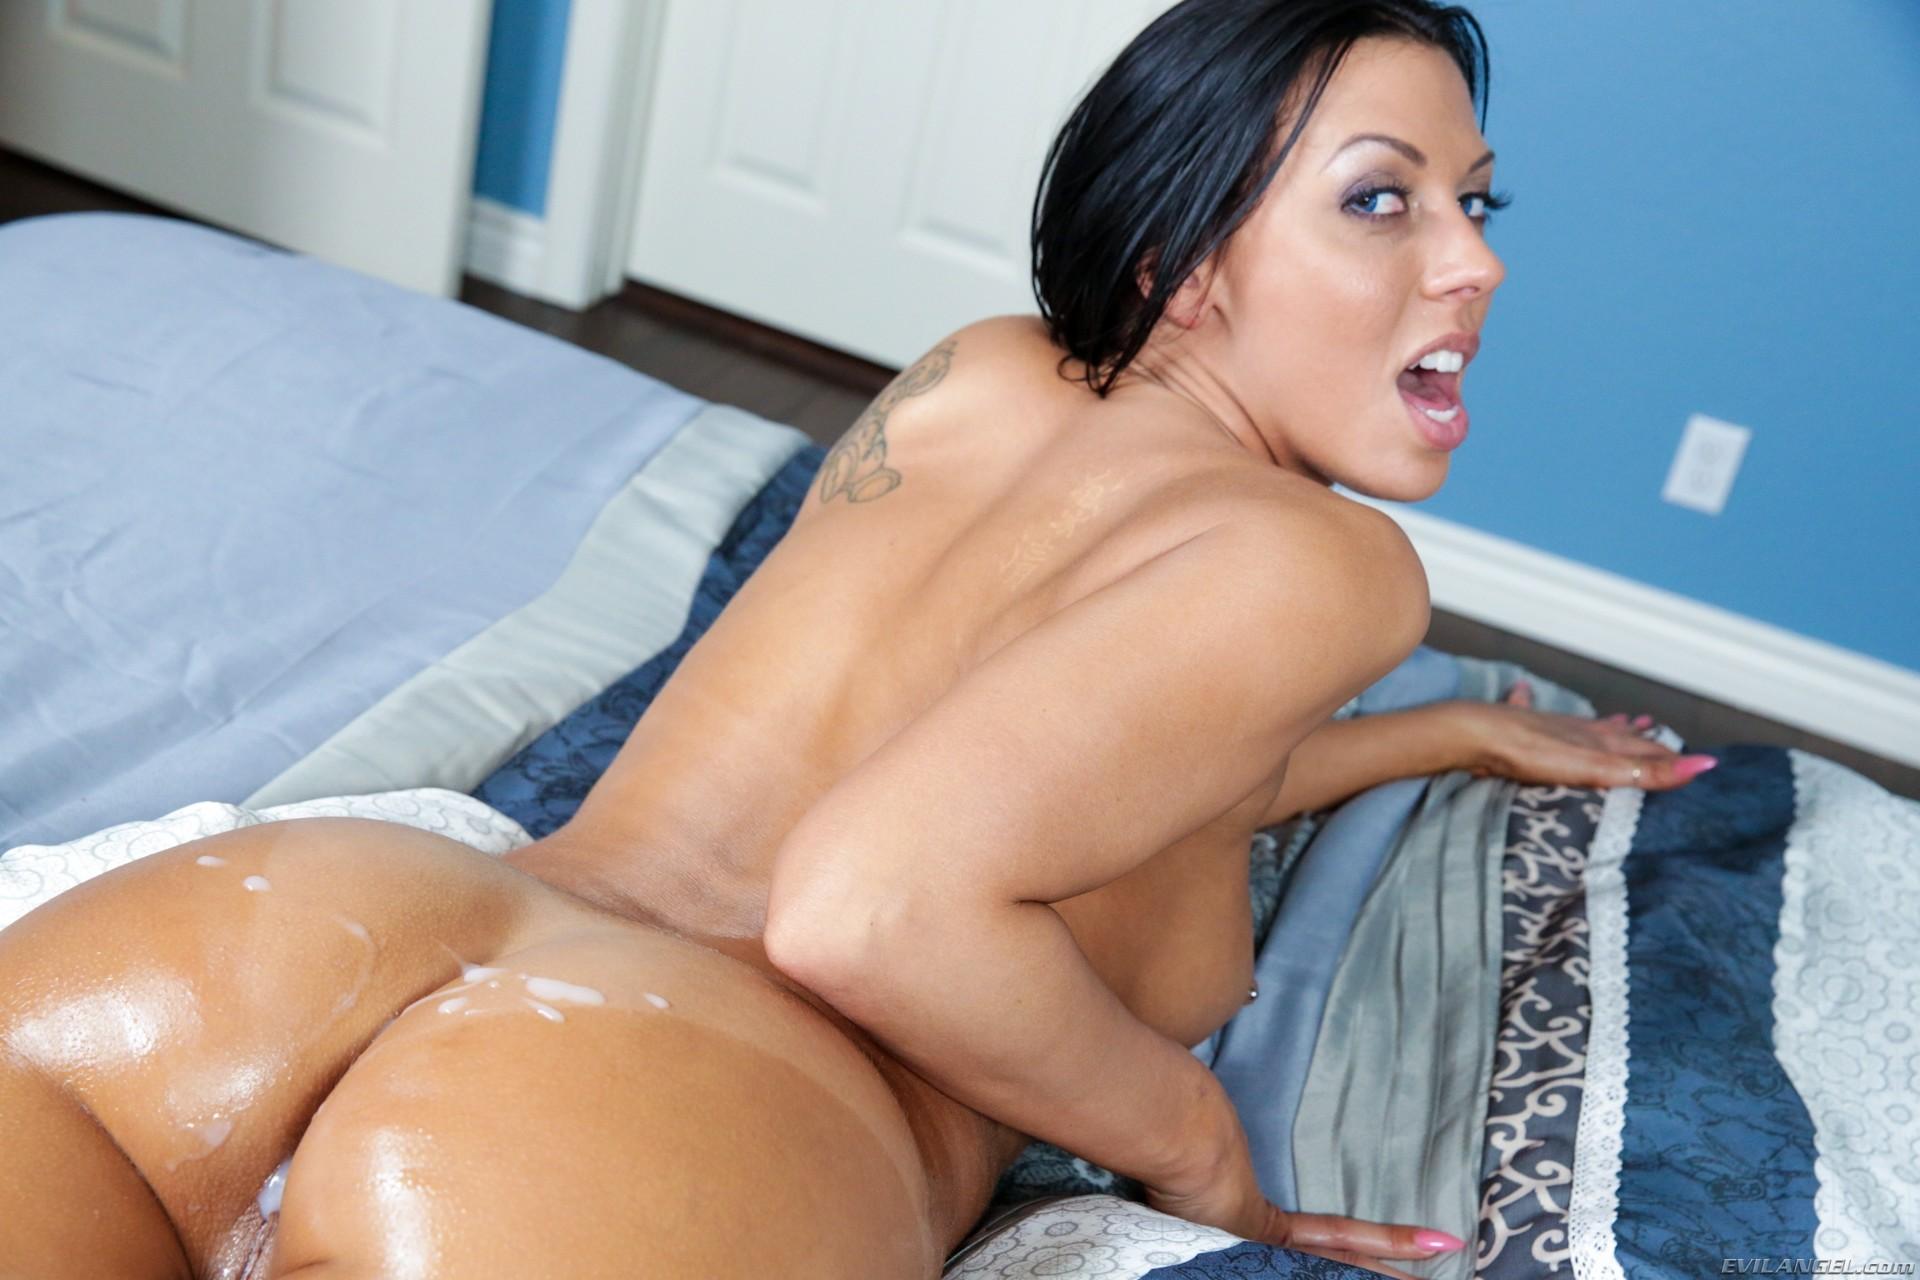 Rachel Starr Big Ass Nude